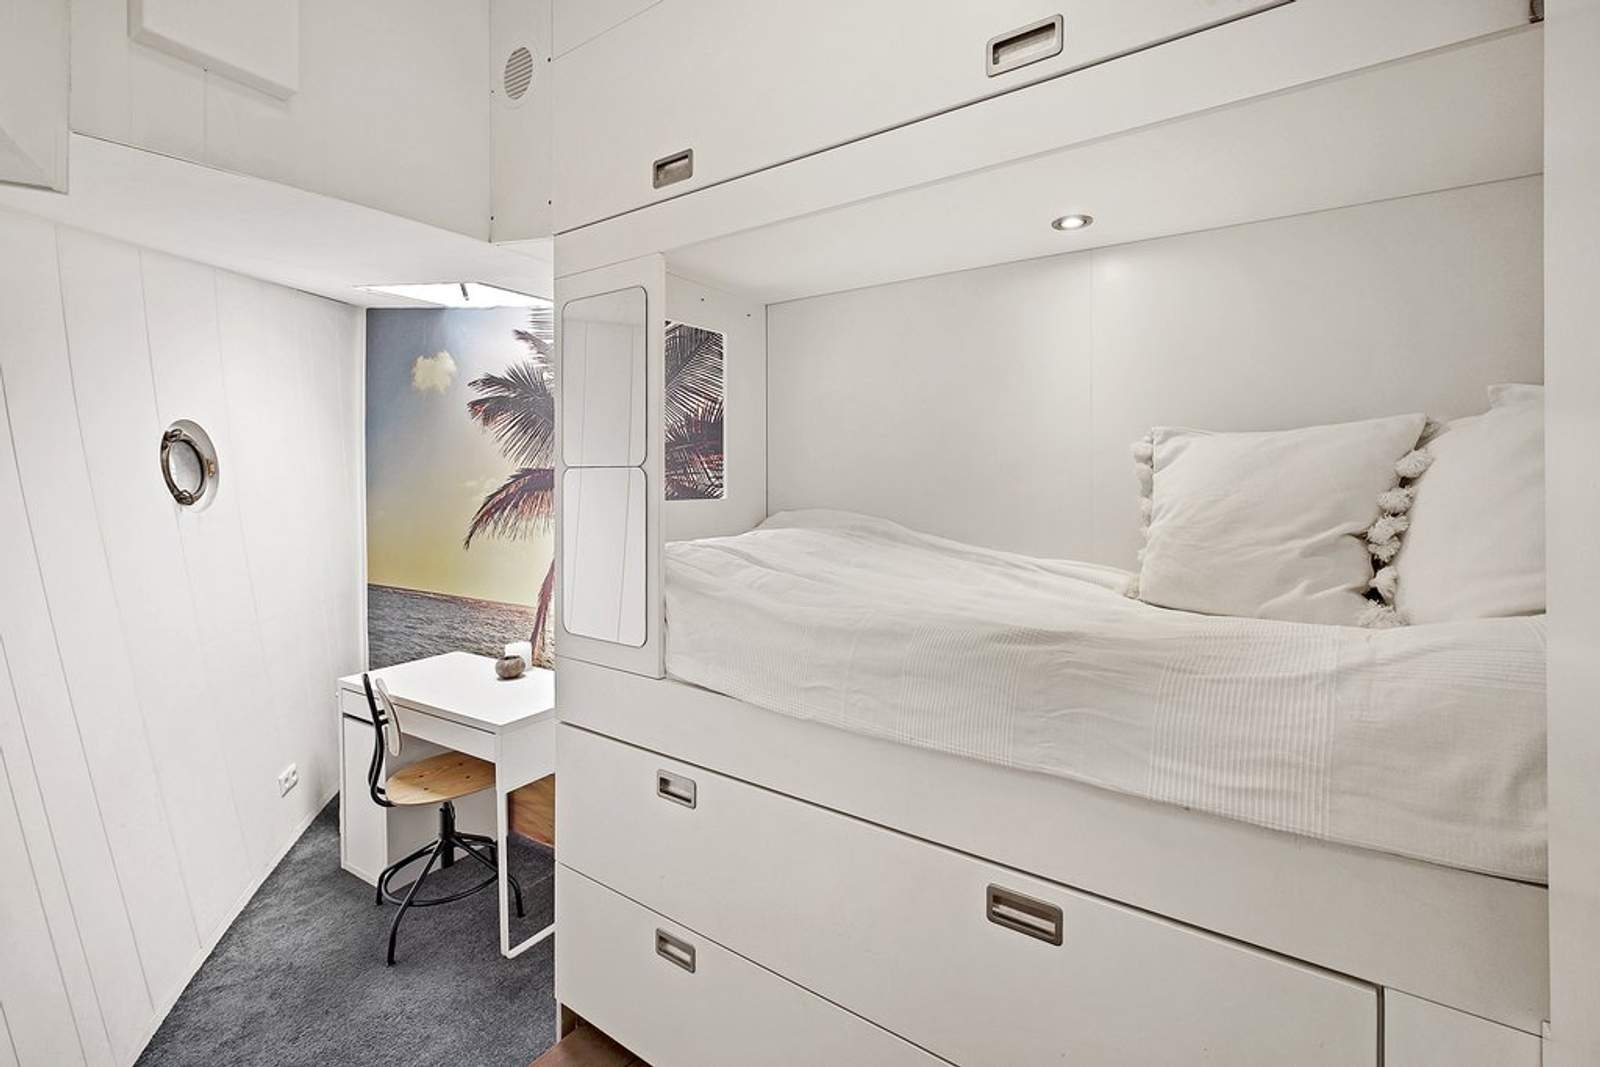 Woonboot - slaapkamer klein